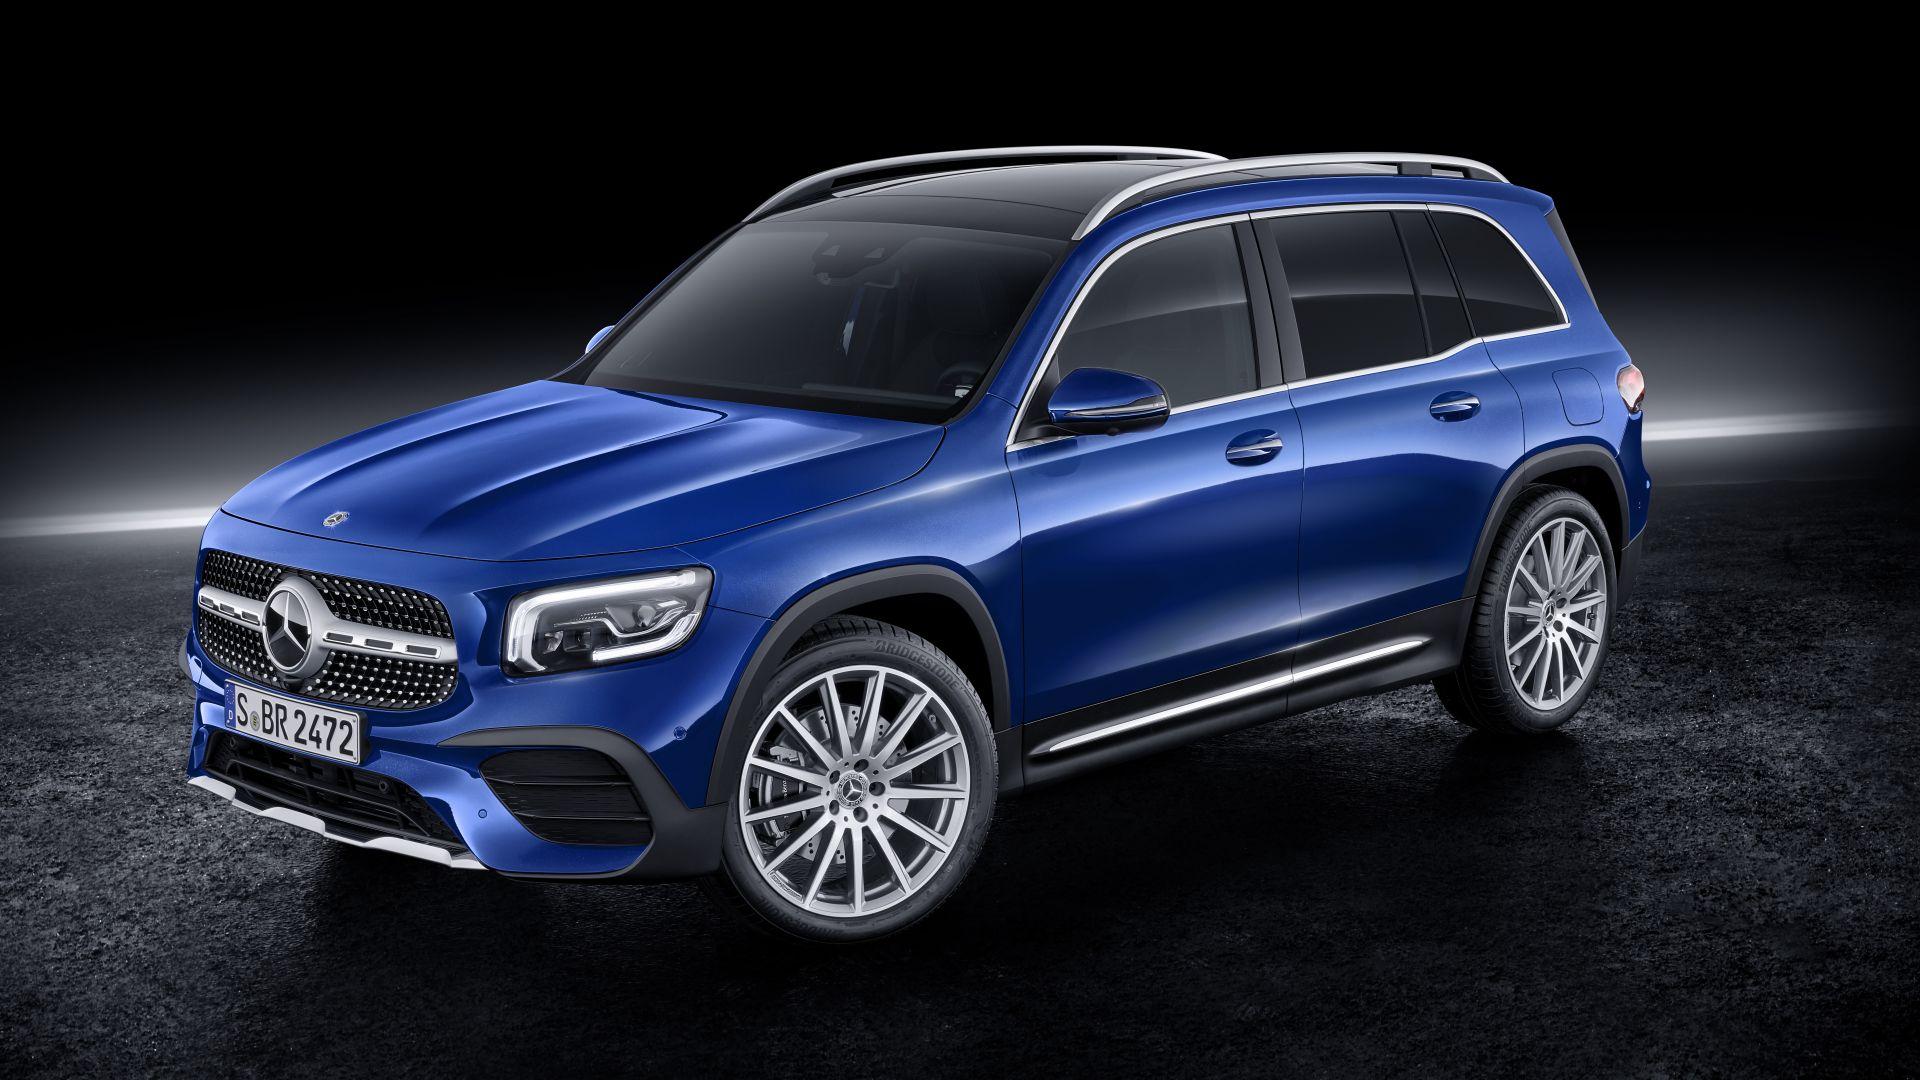 Nuovo Suv Mercedes Glb 2020 Dimensioni Interni Prezzo